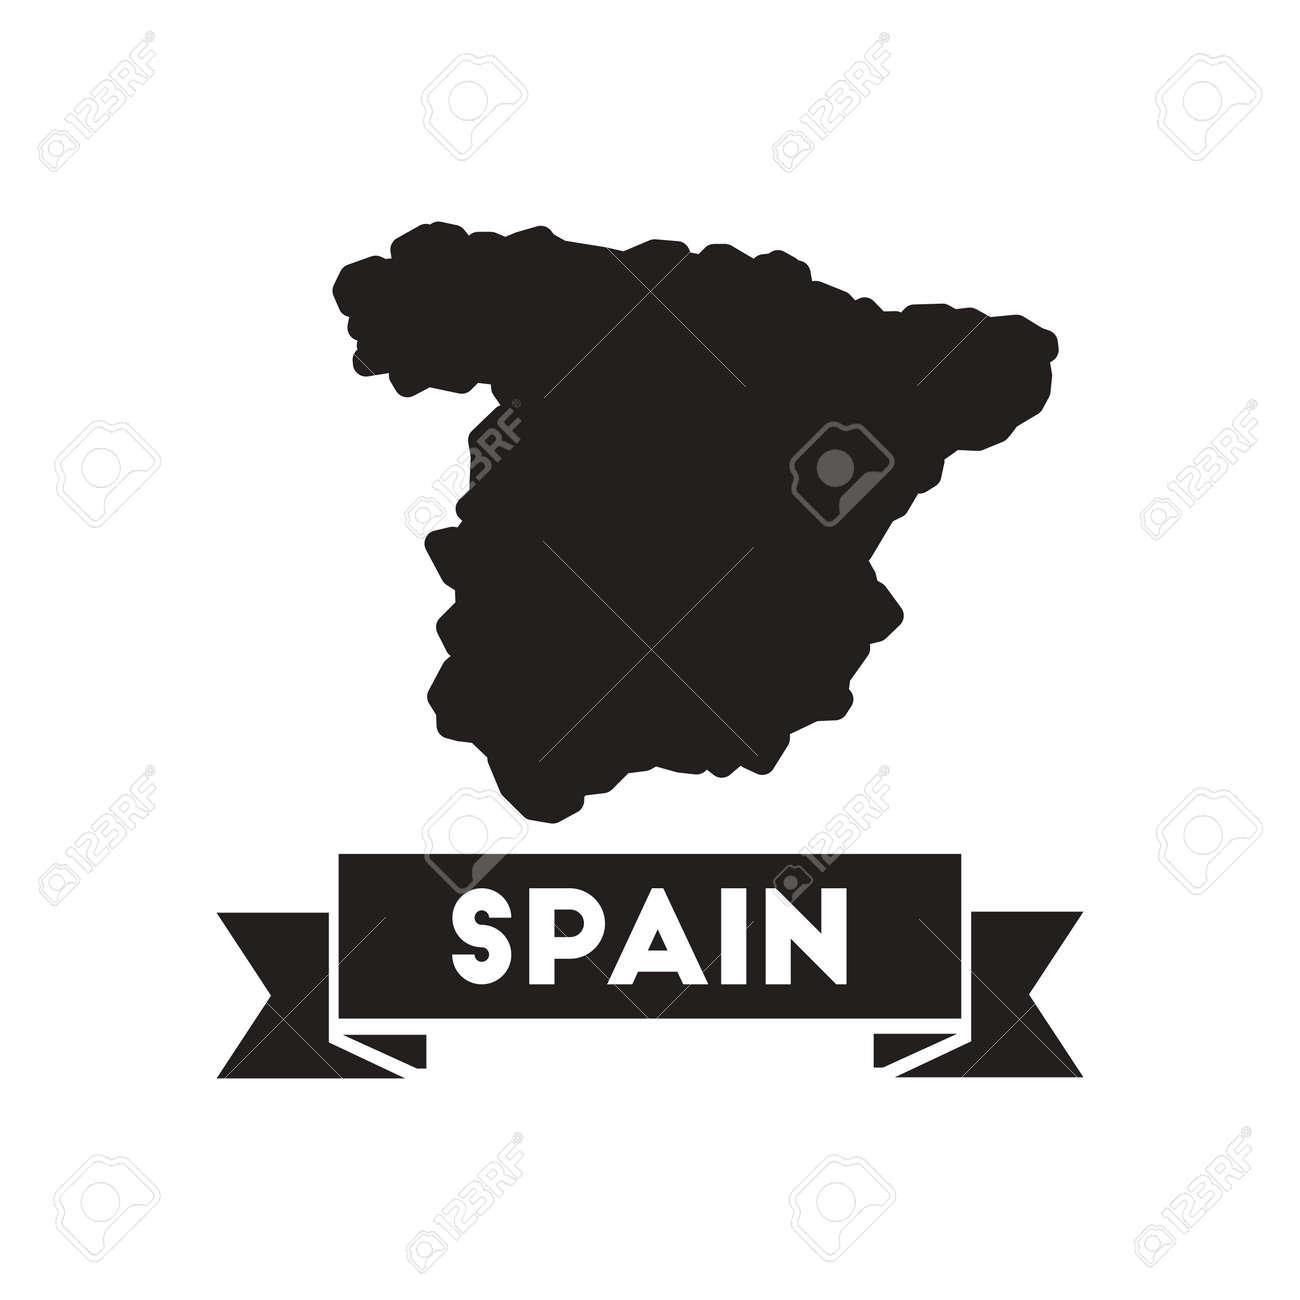 Spanien Karte Schwarz Weiß.Stock Photo